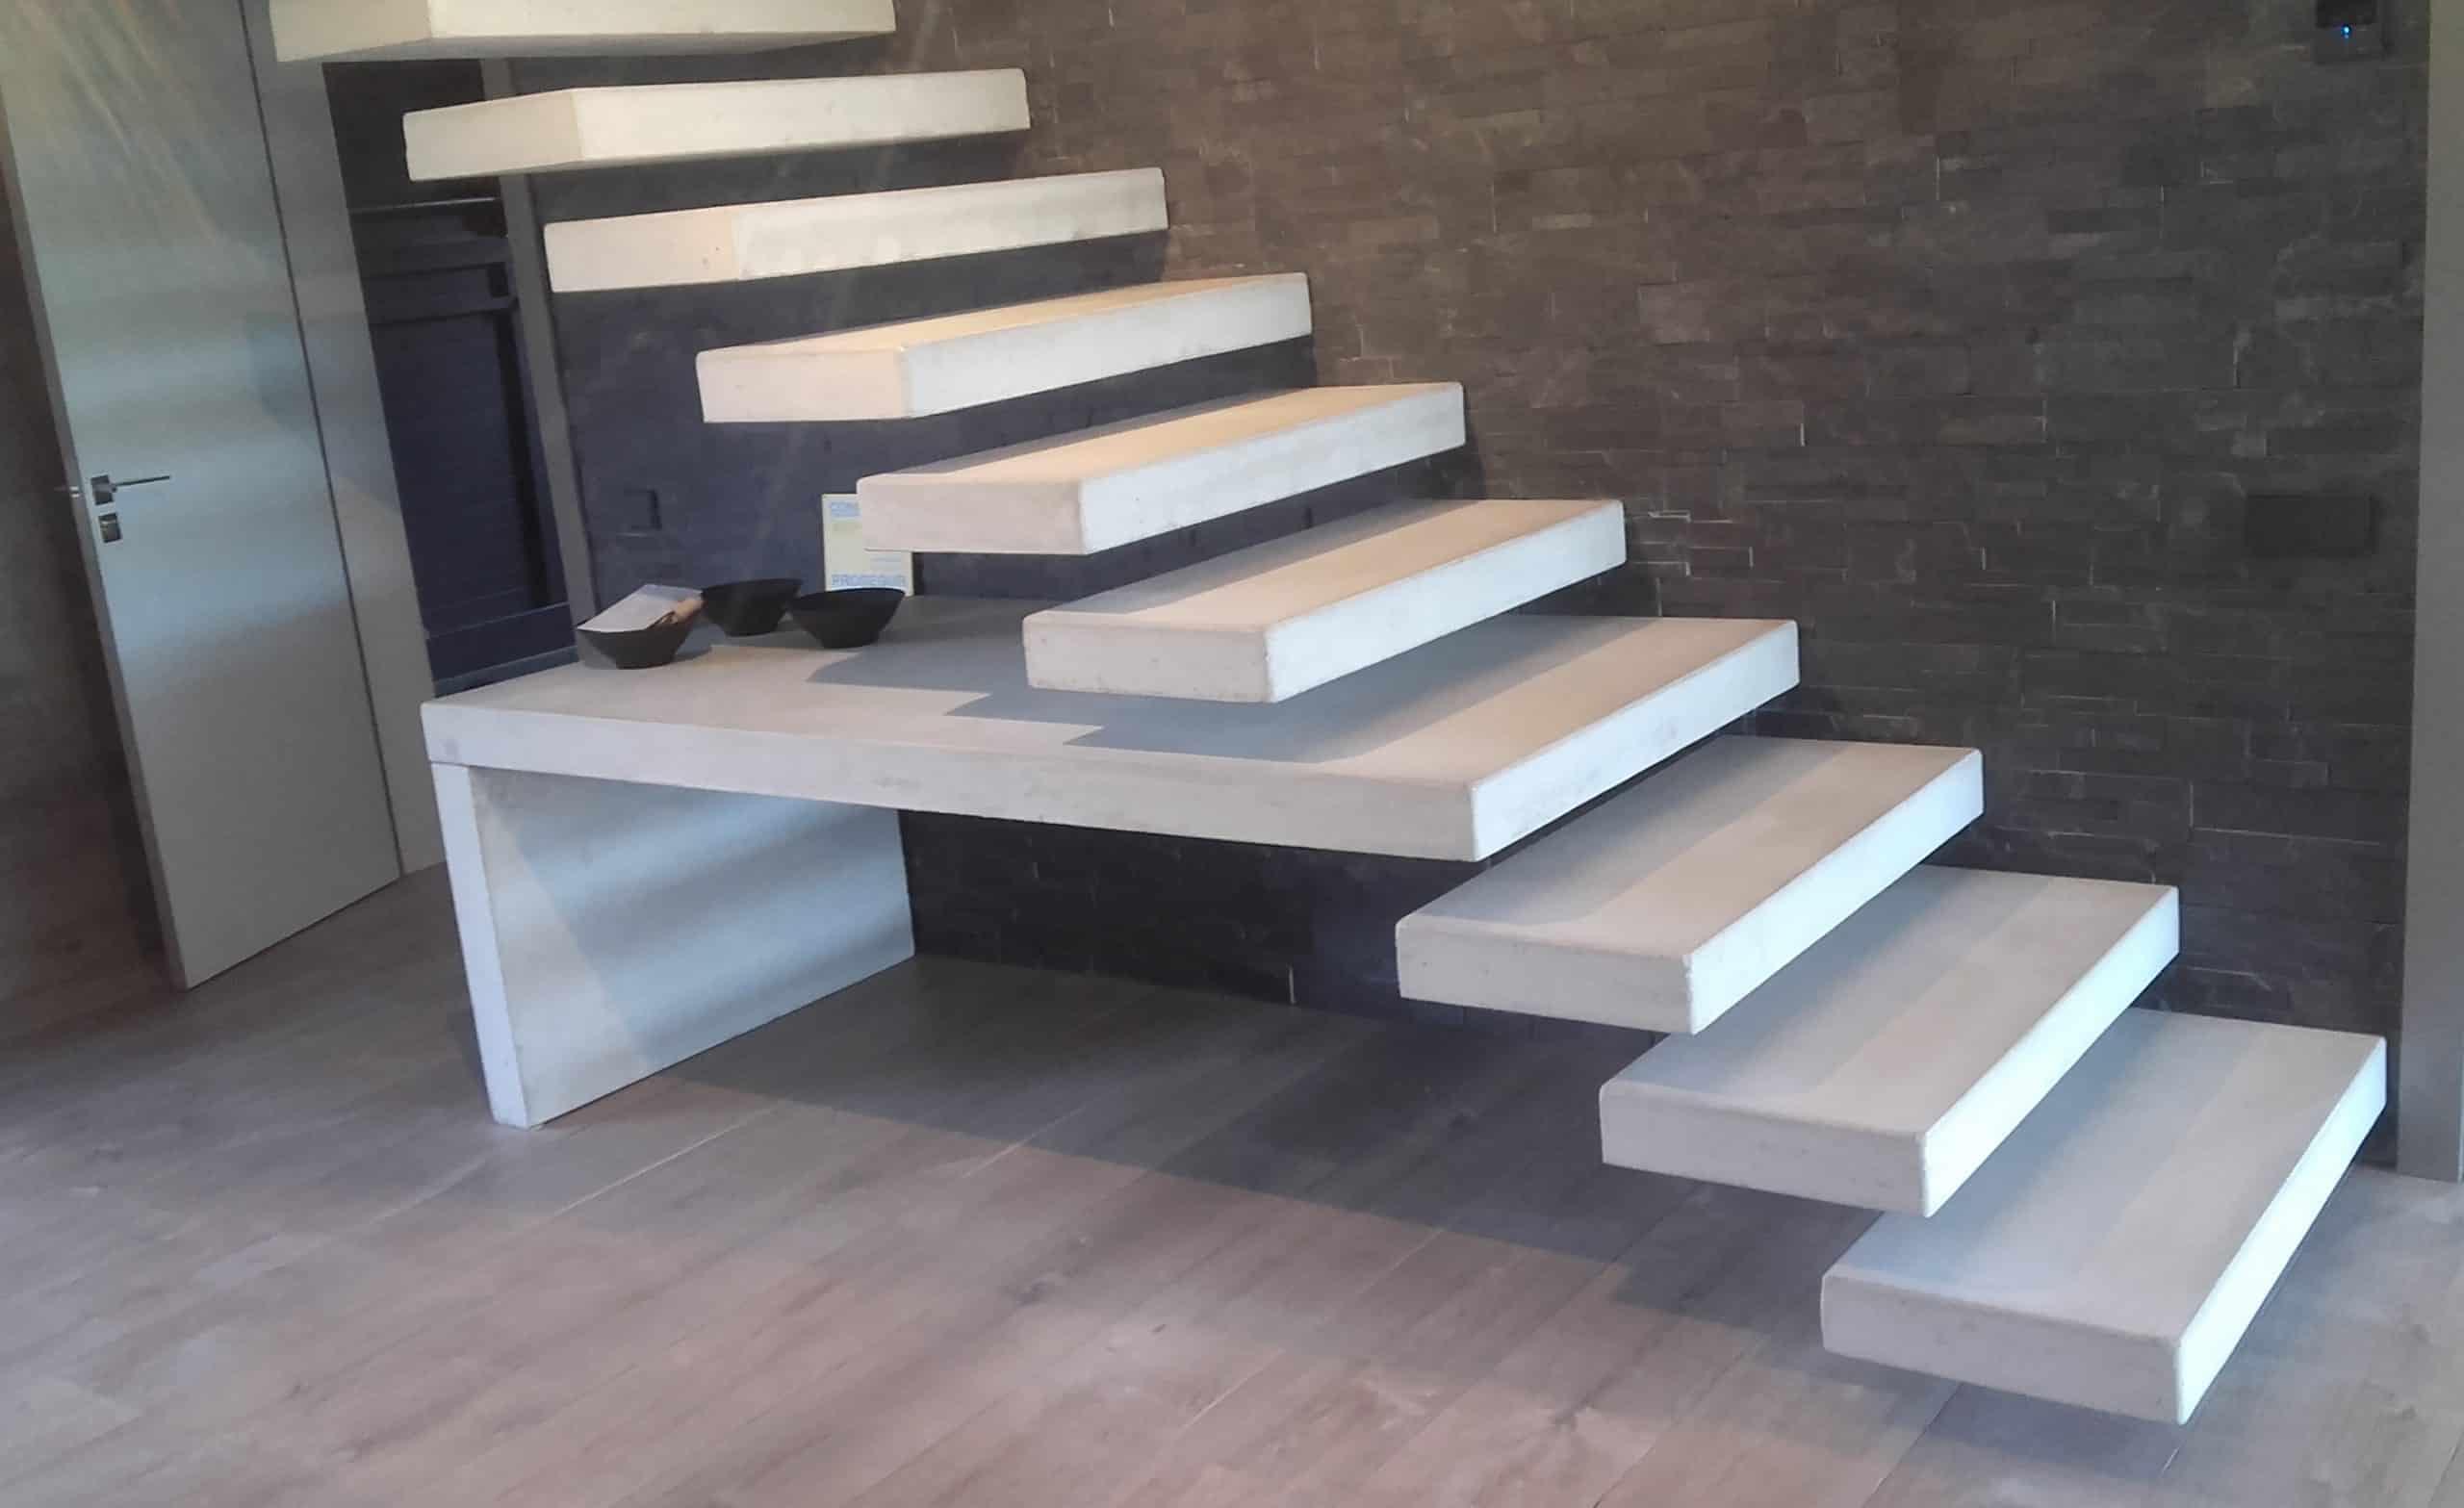 Escalera de hormig n empotrada predecat for Como hacer una escalera de cemento